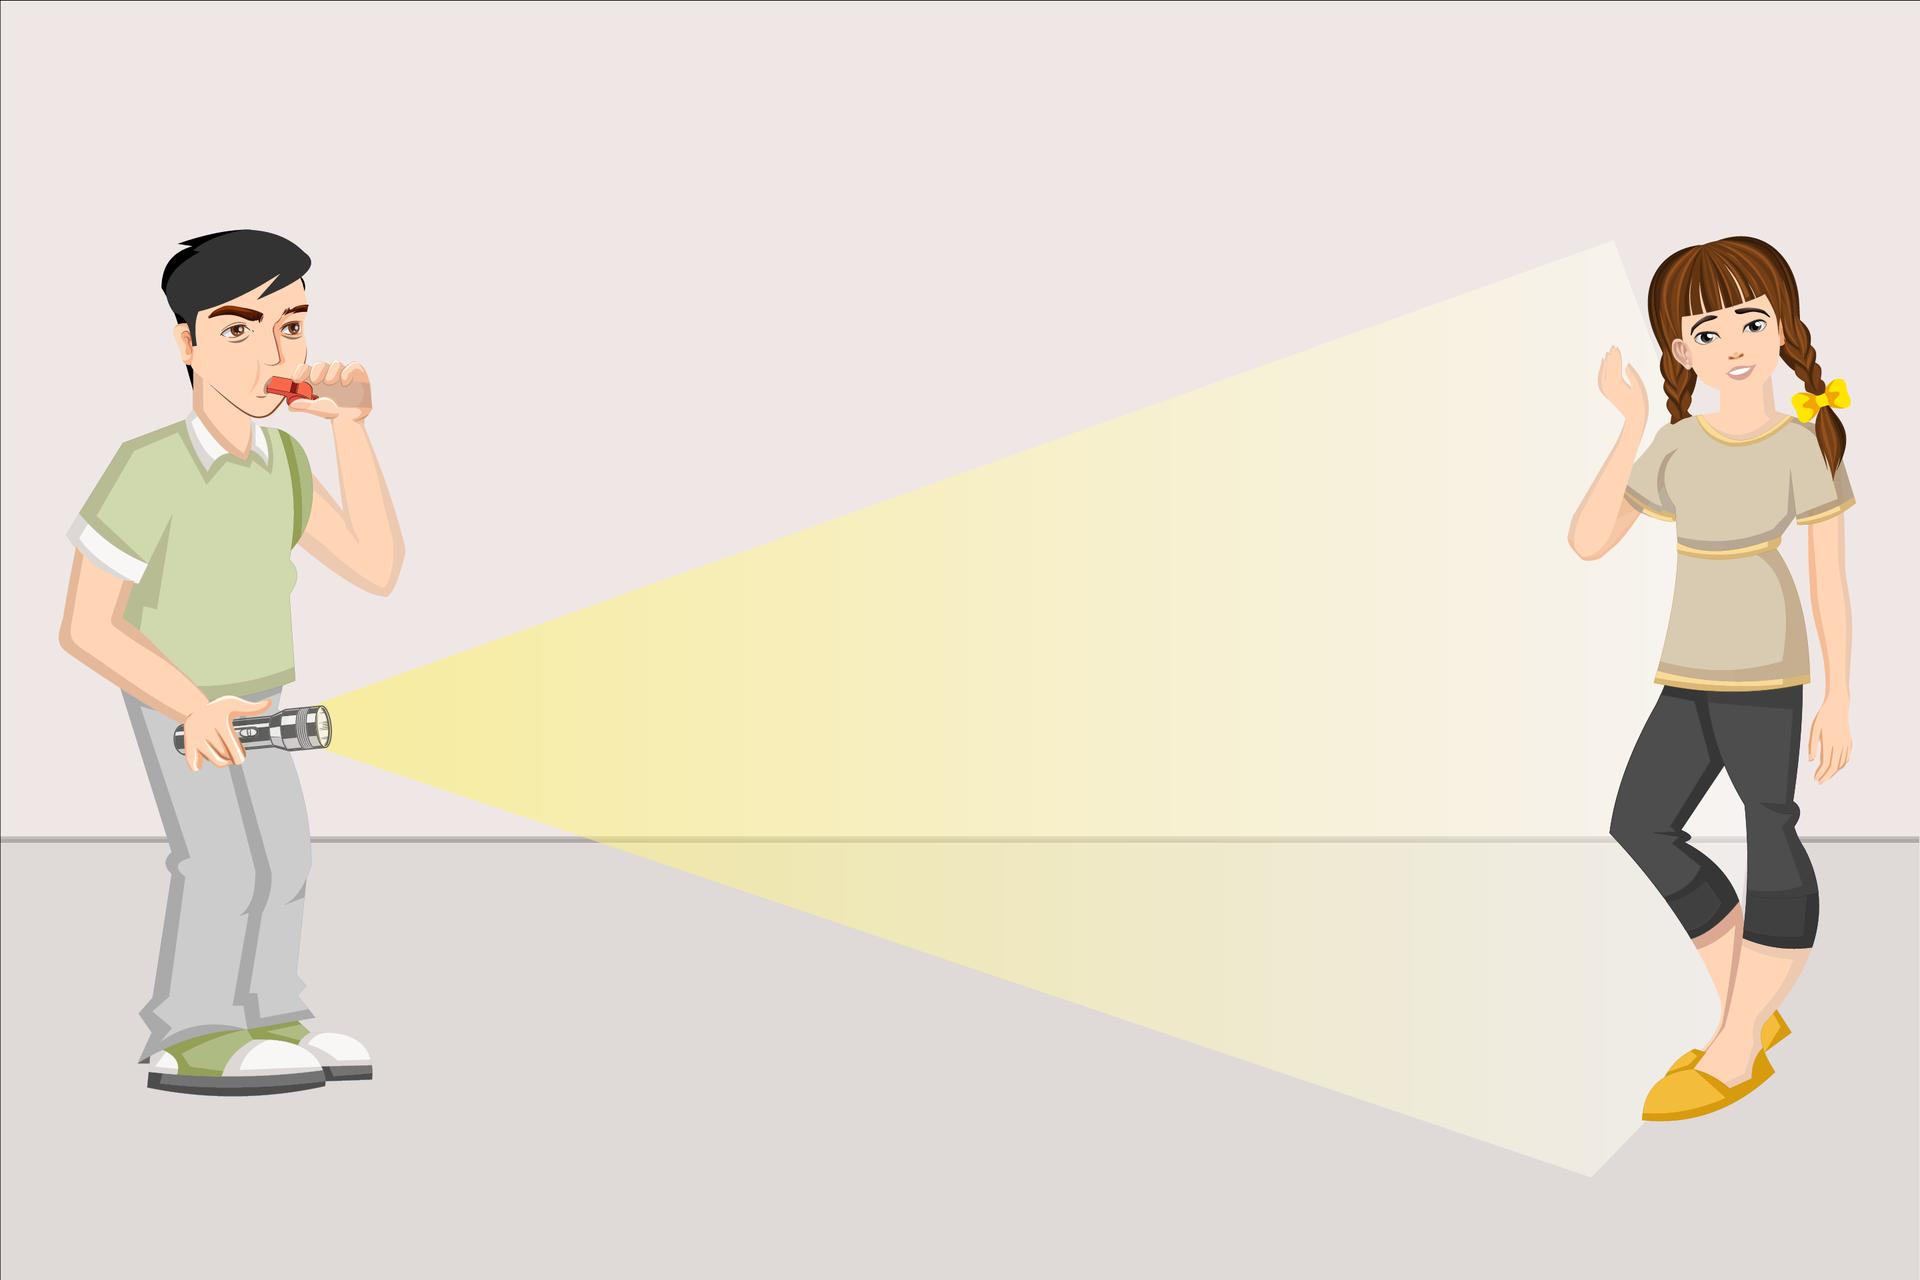 Ilustracja ukazująca dzieci wwieku ok 12 lat wykonujące doświadczenie, czy szybsze jest światło, czy dźwięk. Jedno dziecko trzyma wręce zapaloną latarkę, awdrugiej ręce trzyma gwizdek, na którym gwiżdże. Druga osoba patrzy wstronę pierwszej inasłuchuje. Jak we wzorze, ale chłopiec po lewej ma nie krzyczeć, tylko gwizdać na gwizdku